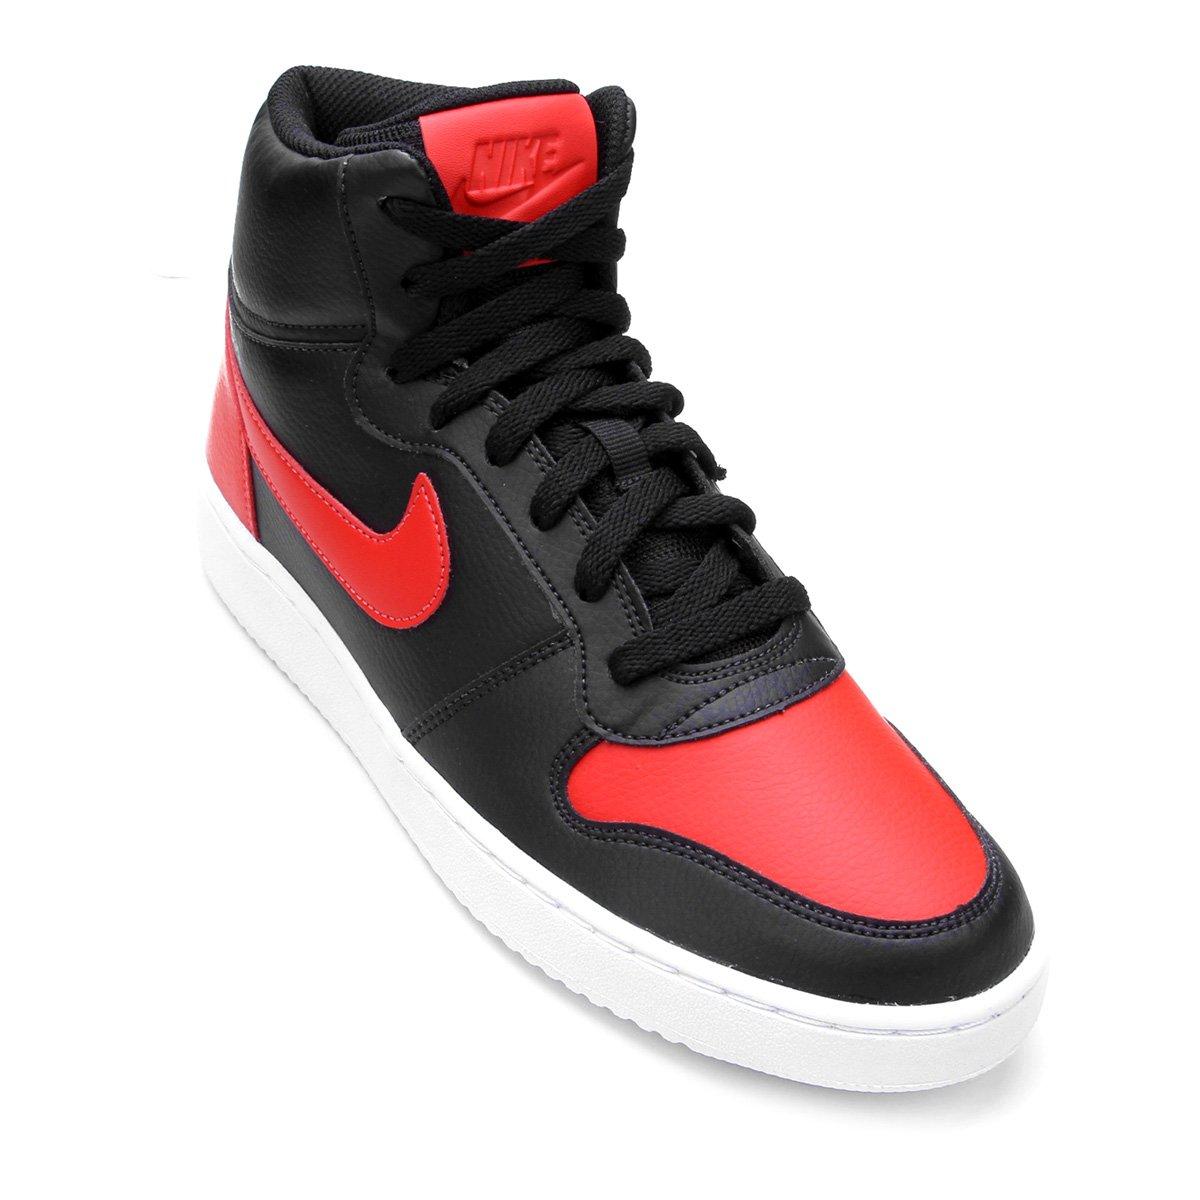 24bfe7c8d0 Tênis Couro Cano Alto Nike Ebernon Mid Masculino - Preto e Vermelho -  Compre Agora